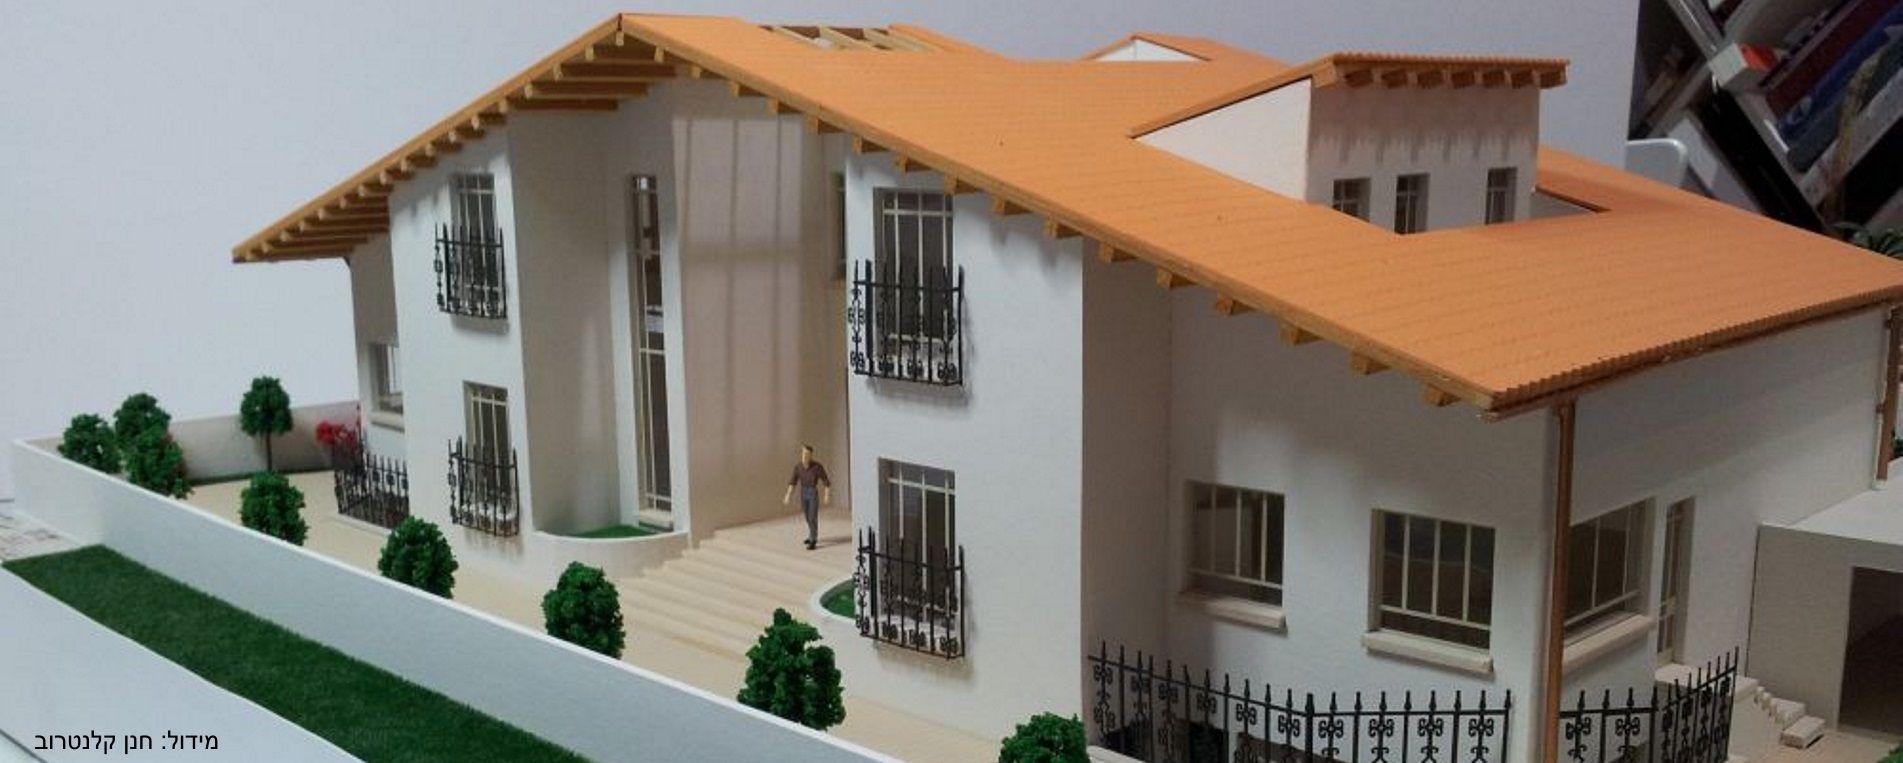 מודל אדריכלי חתוך בלייזר. מידול: חנן קלנטרוב